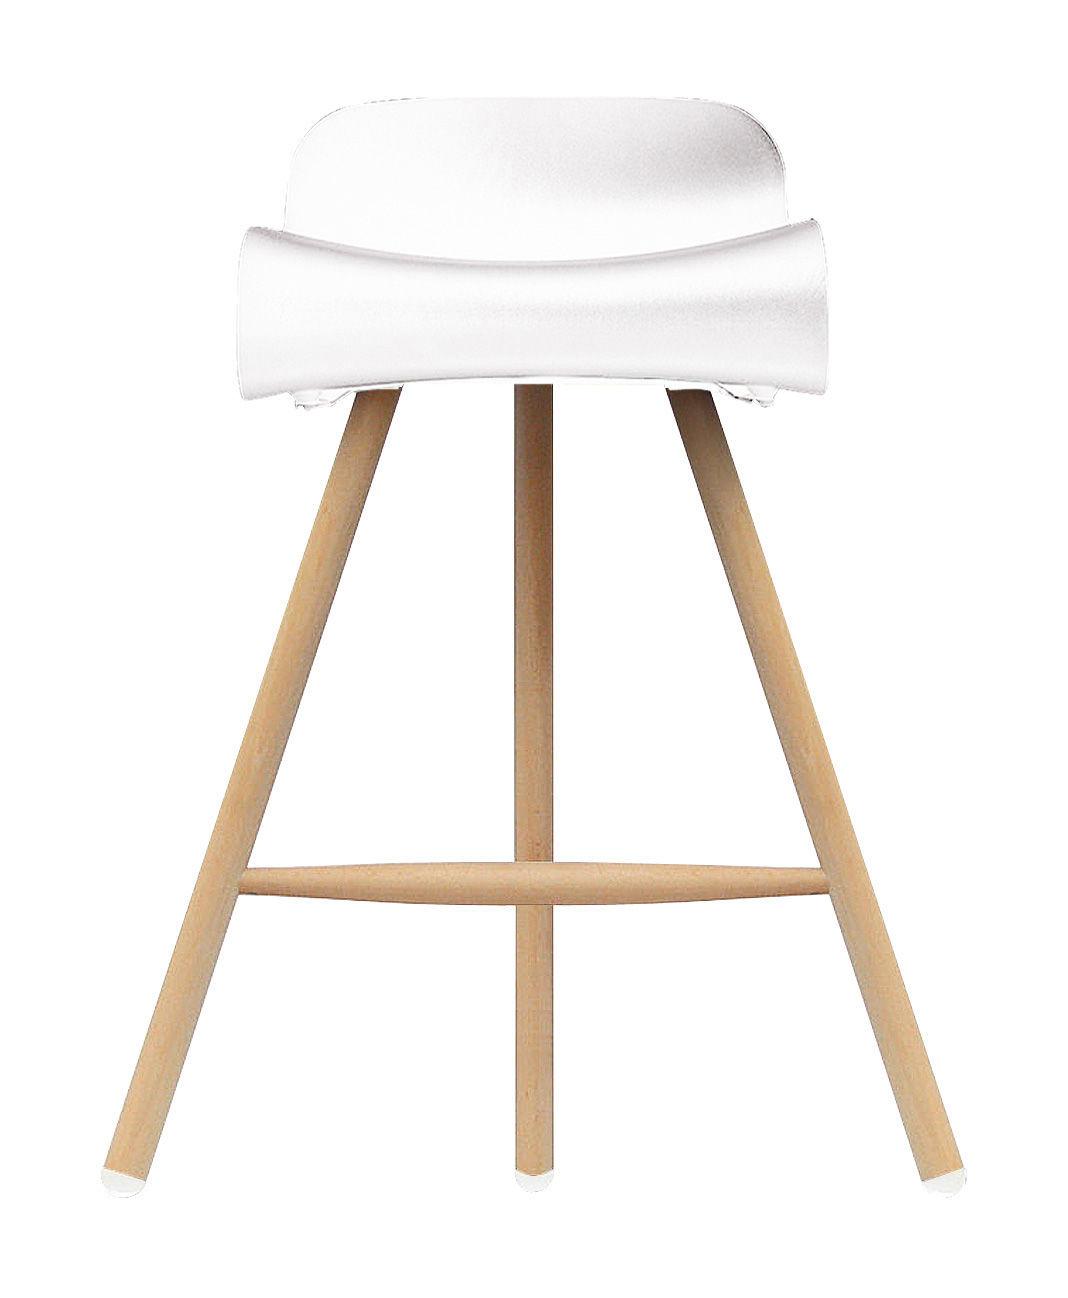 Mobilier - Tabourets de bar - Tabouret de bar BCN Wood / H 66 cm - Pieds bois - Kristalia - Blanc / Pied bois - Hêtre, Matière plastique